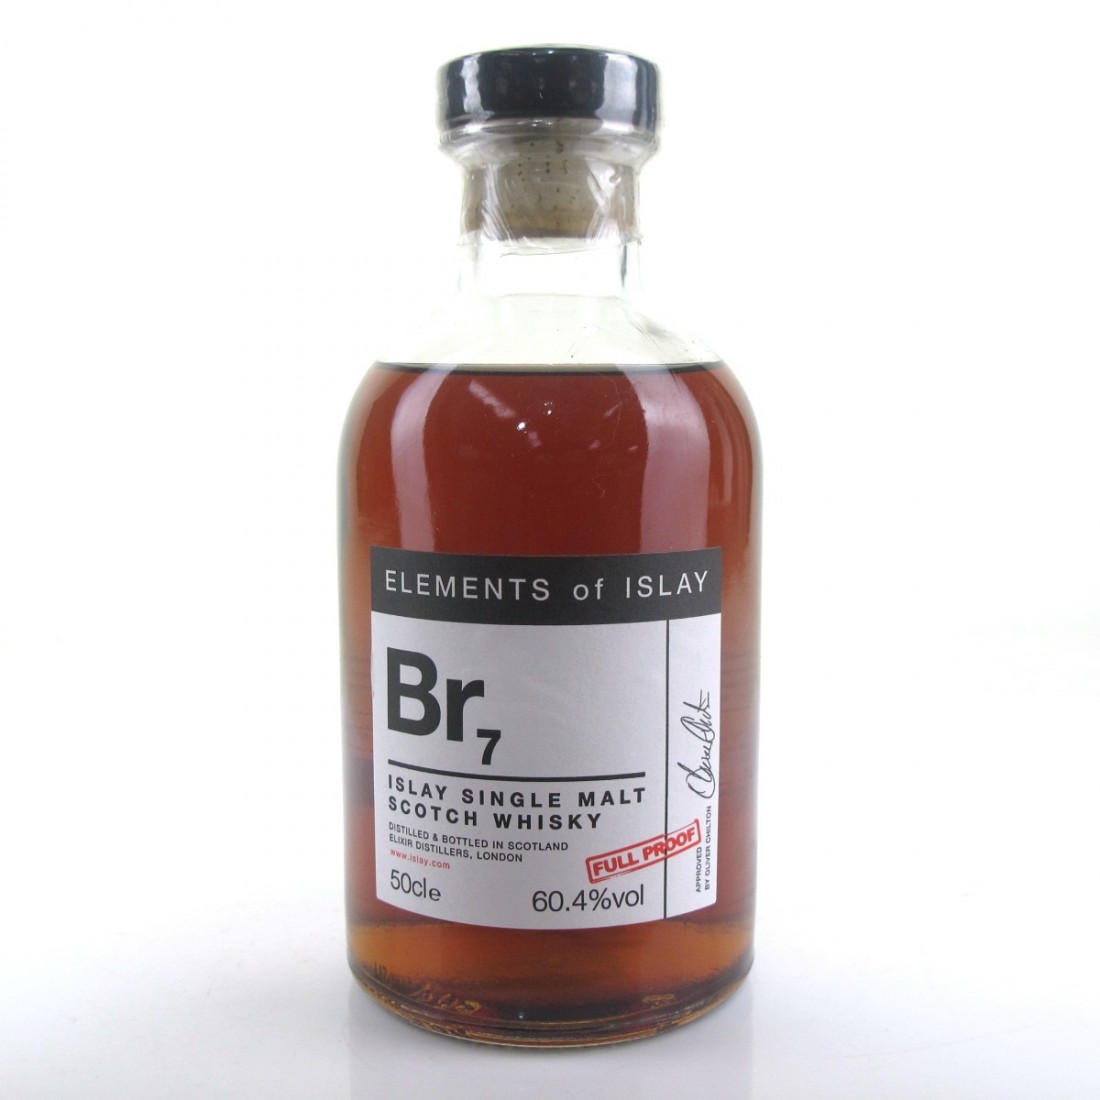 Bruichladdich Br7 Elements of Islay